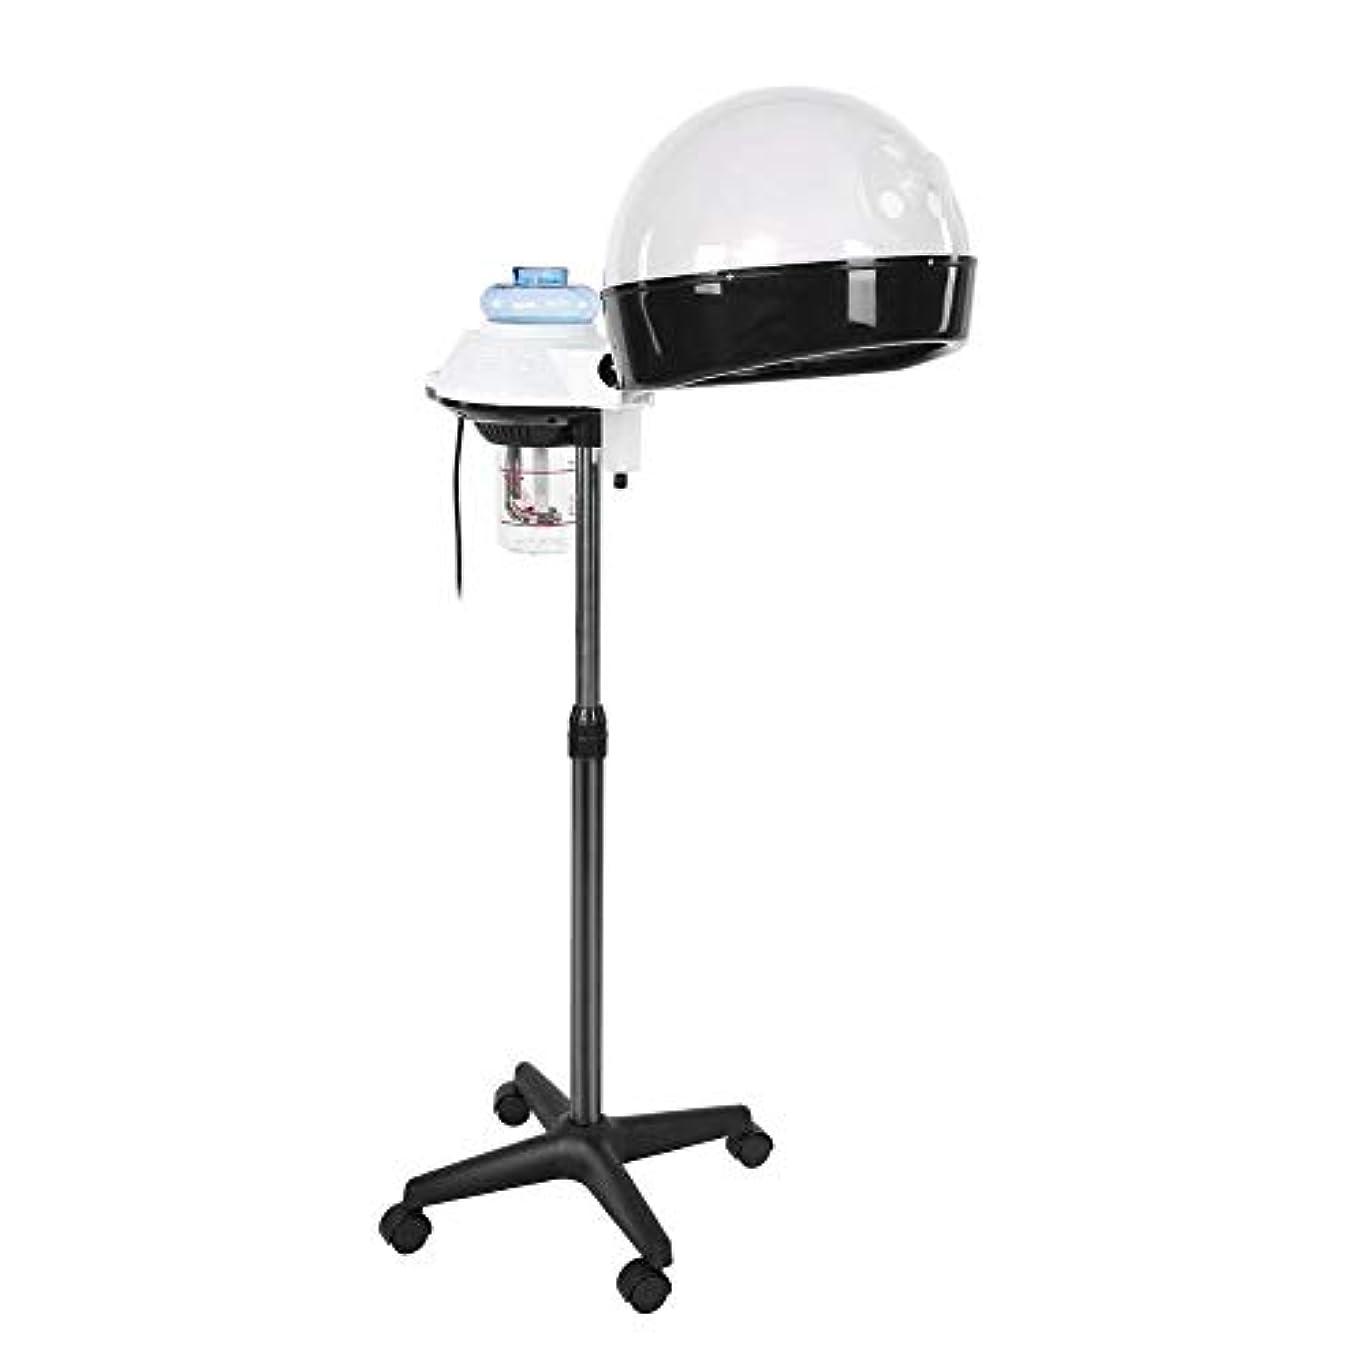 胴体コートおヘア 加湿器 パーソナルケア用のデザイン ホットミストオゾンヘアセラピー美容機器 個人用家庭用 (US)